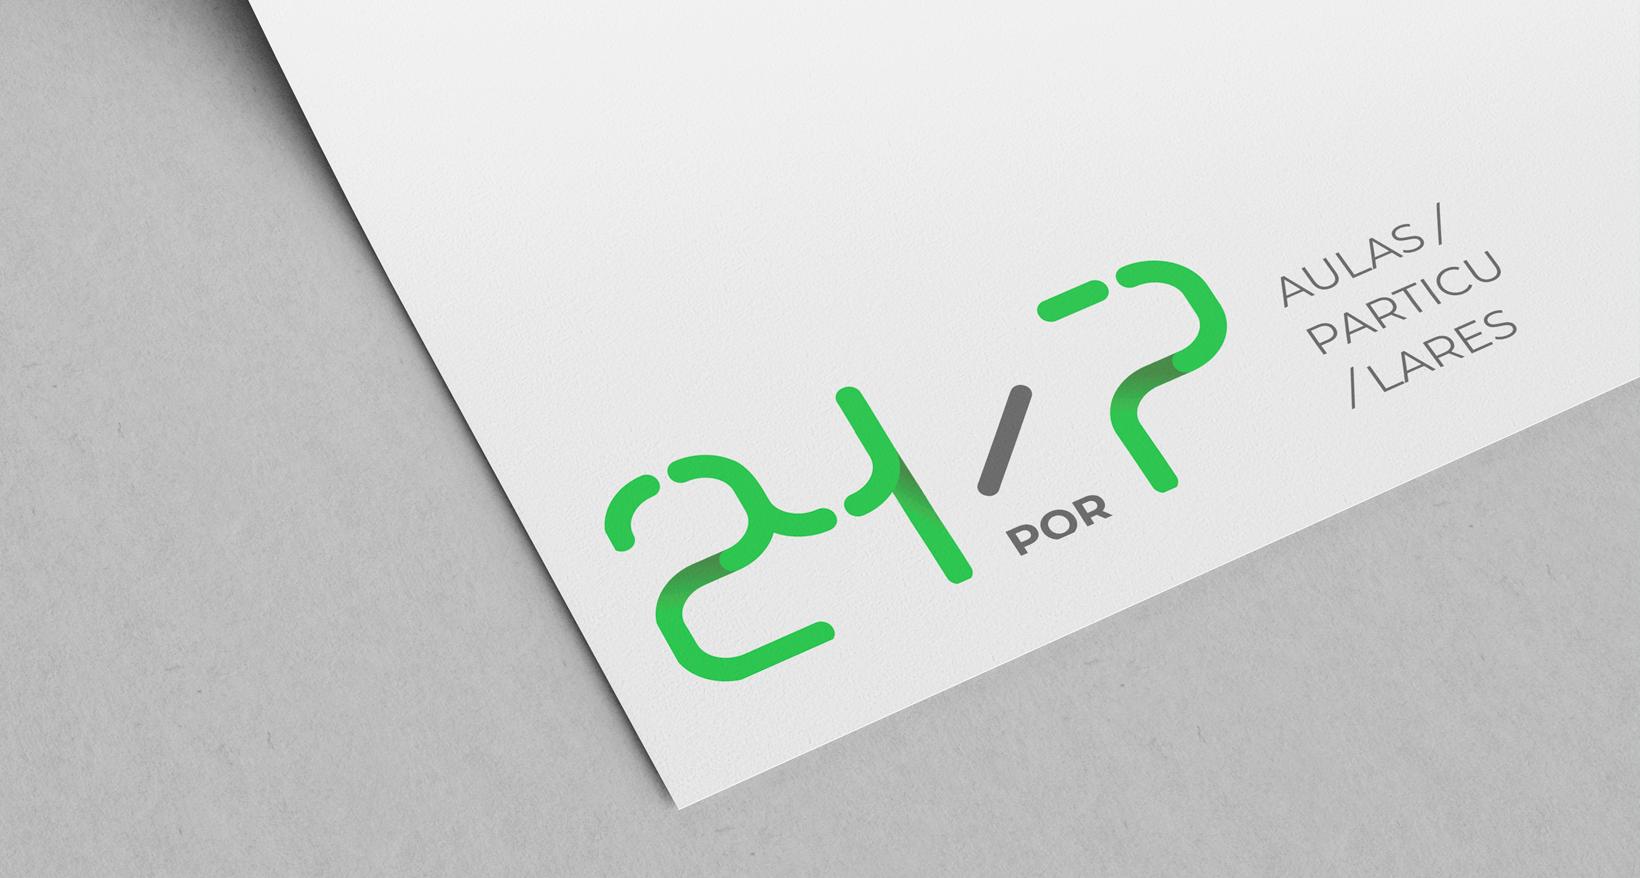 24por7 · Aulas Particulares